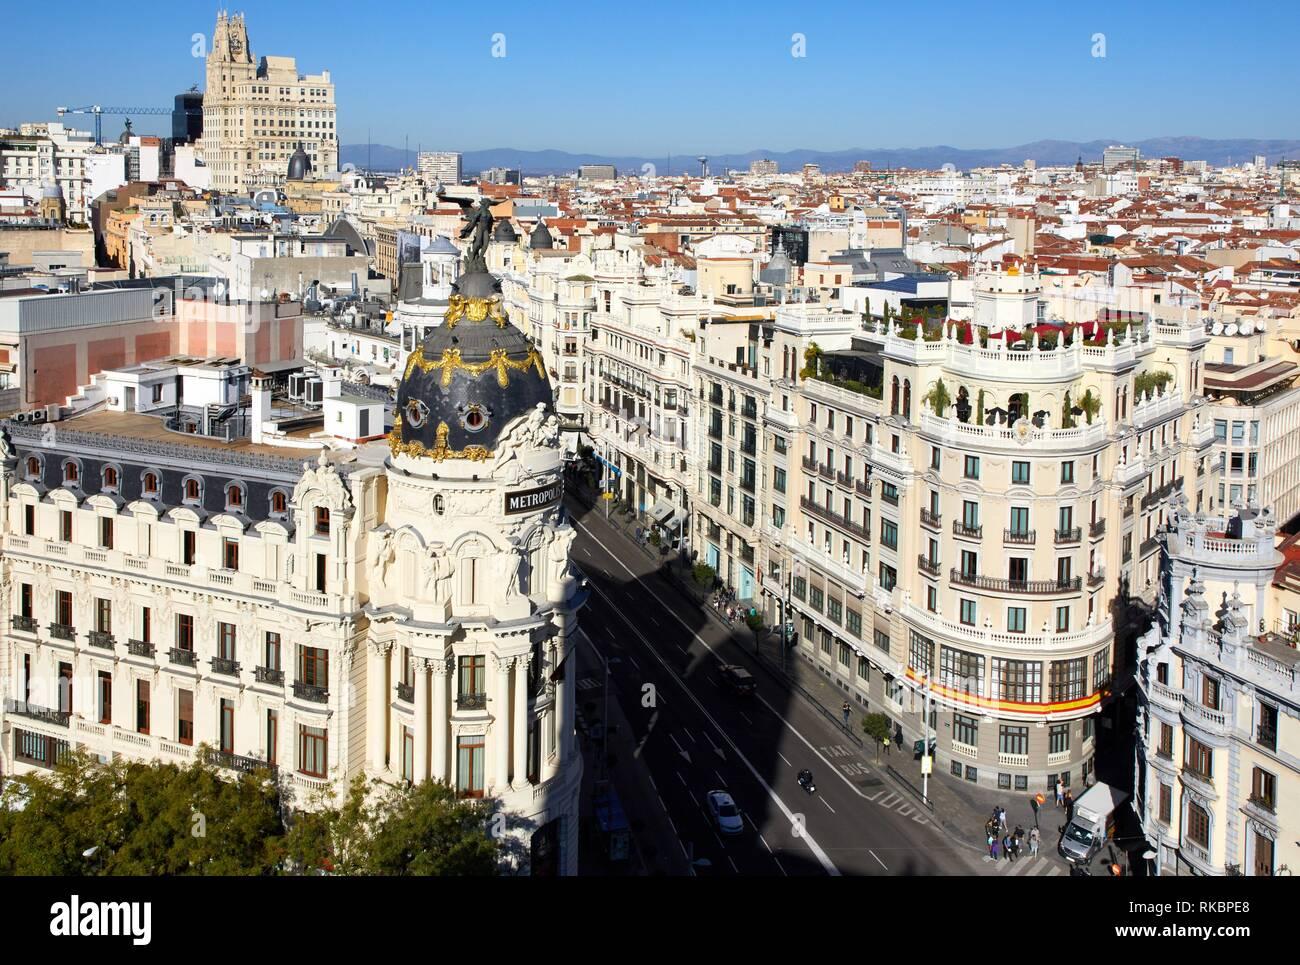 Edificio Metropolis, Gran Via, Madrid, Spain, Europe - Stock Image